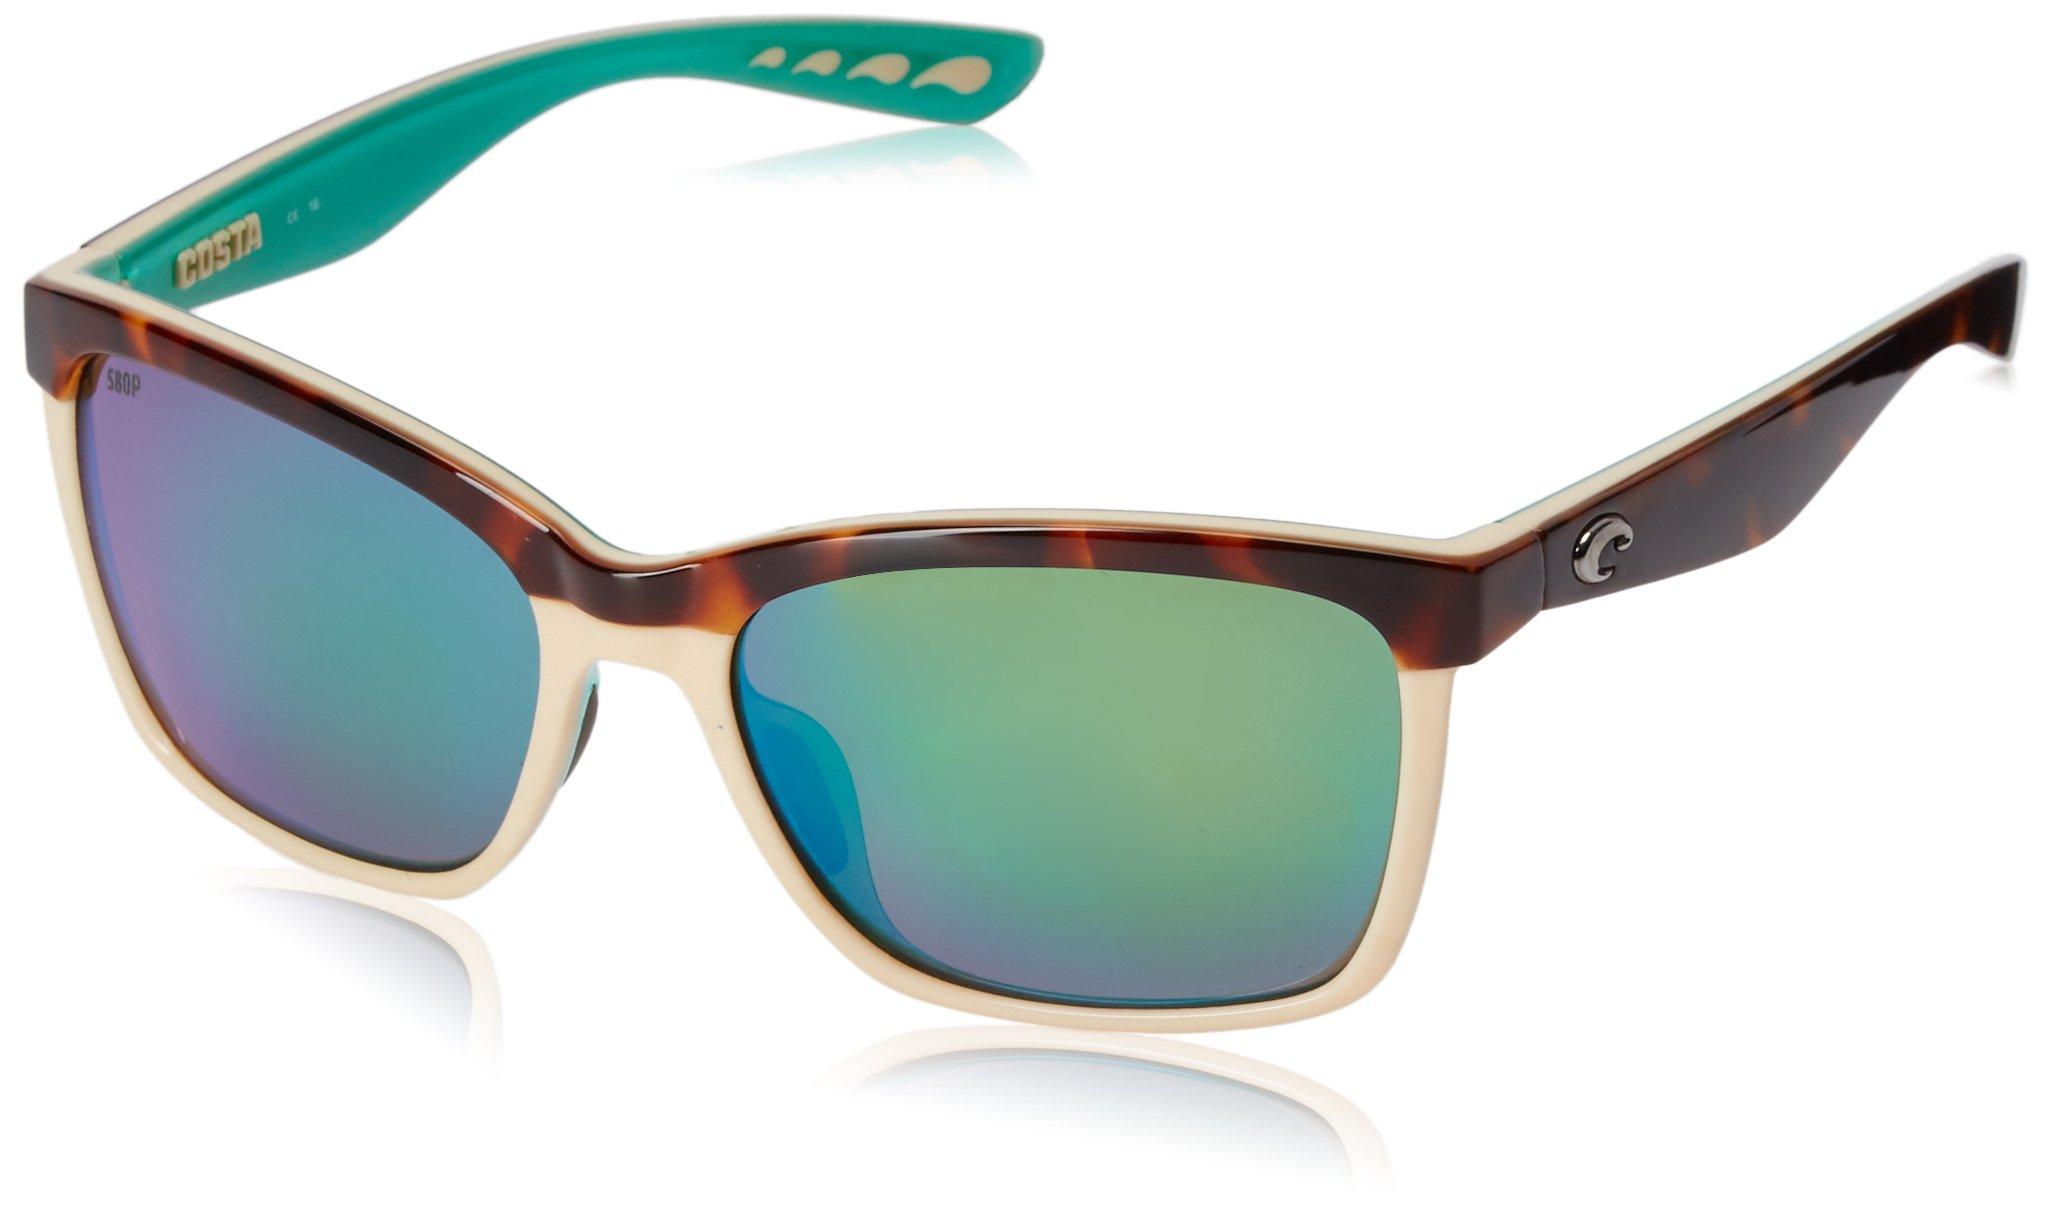 Costa del Mar Women's Anaa Polarized Cateye Sunglasses, Retro Tort/Cream/Mint, 55.4 mm